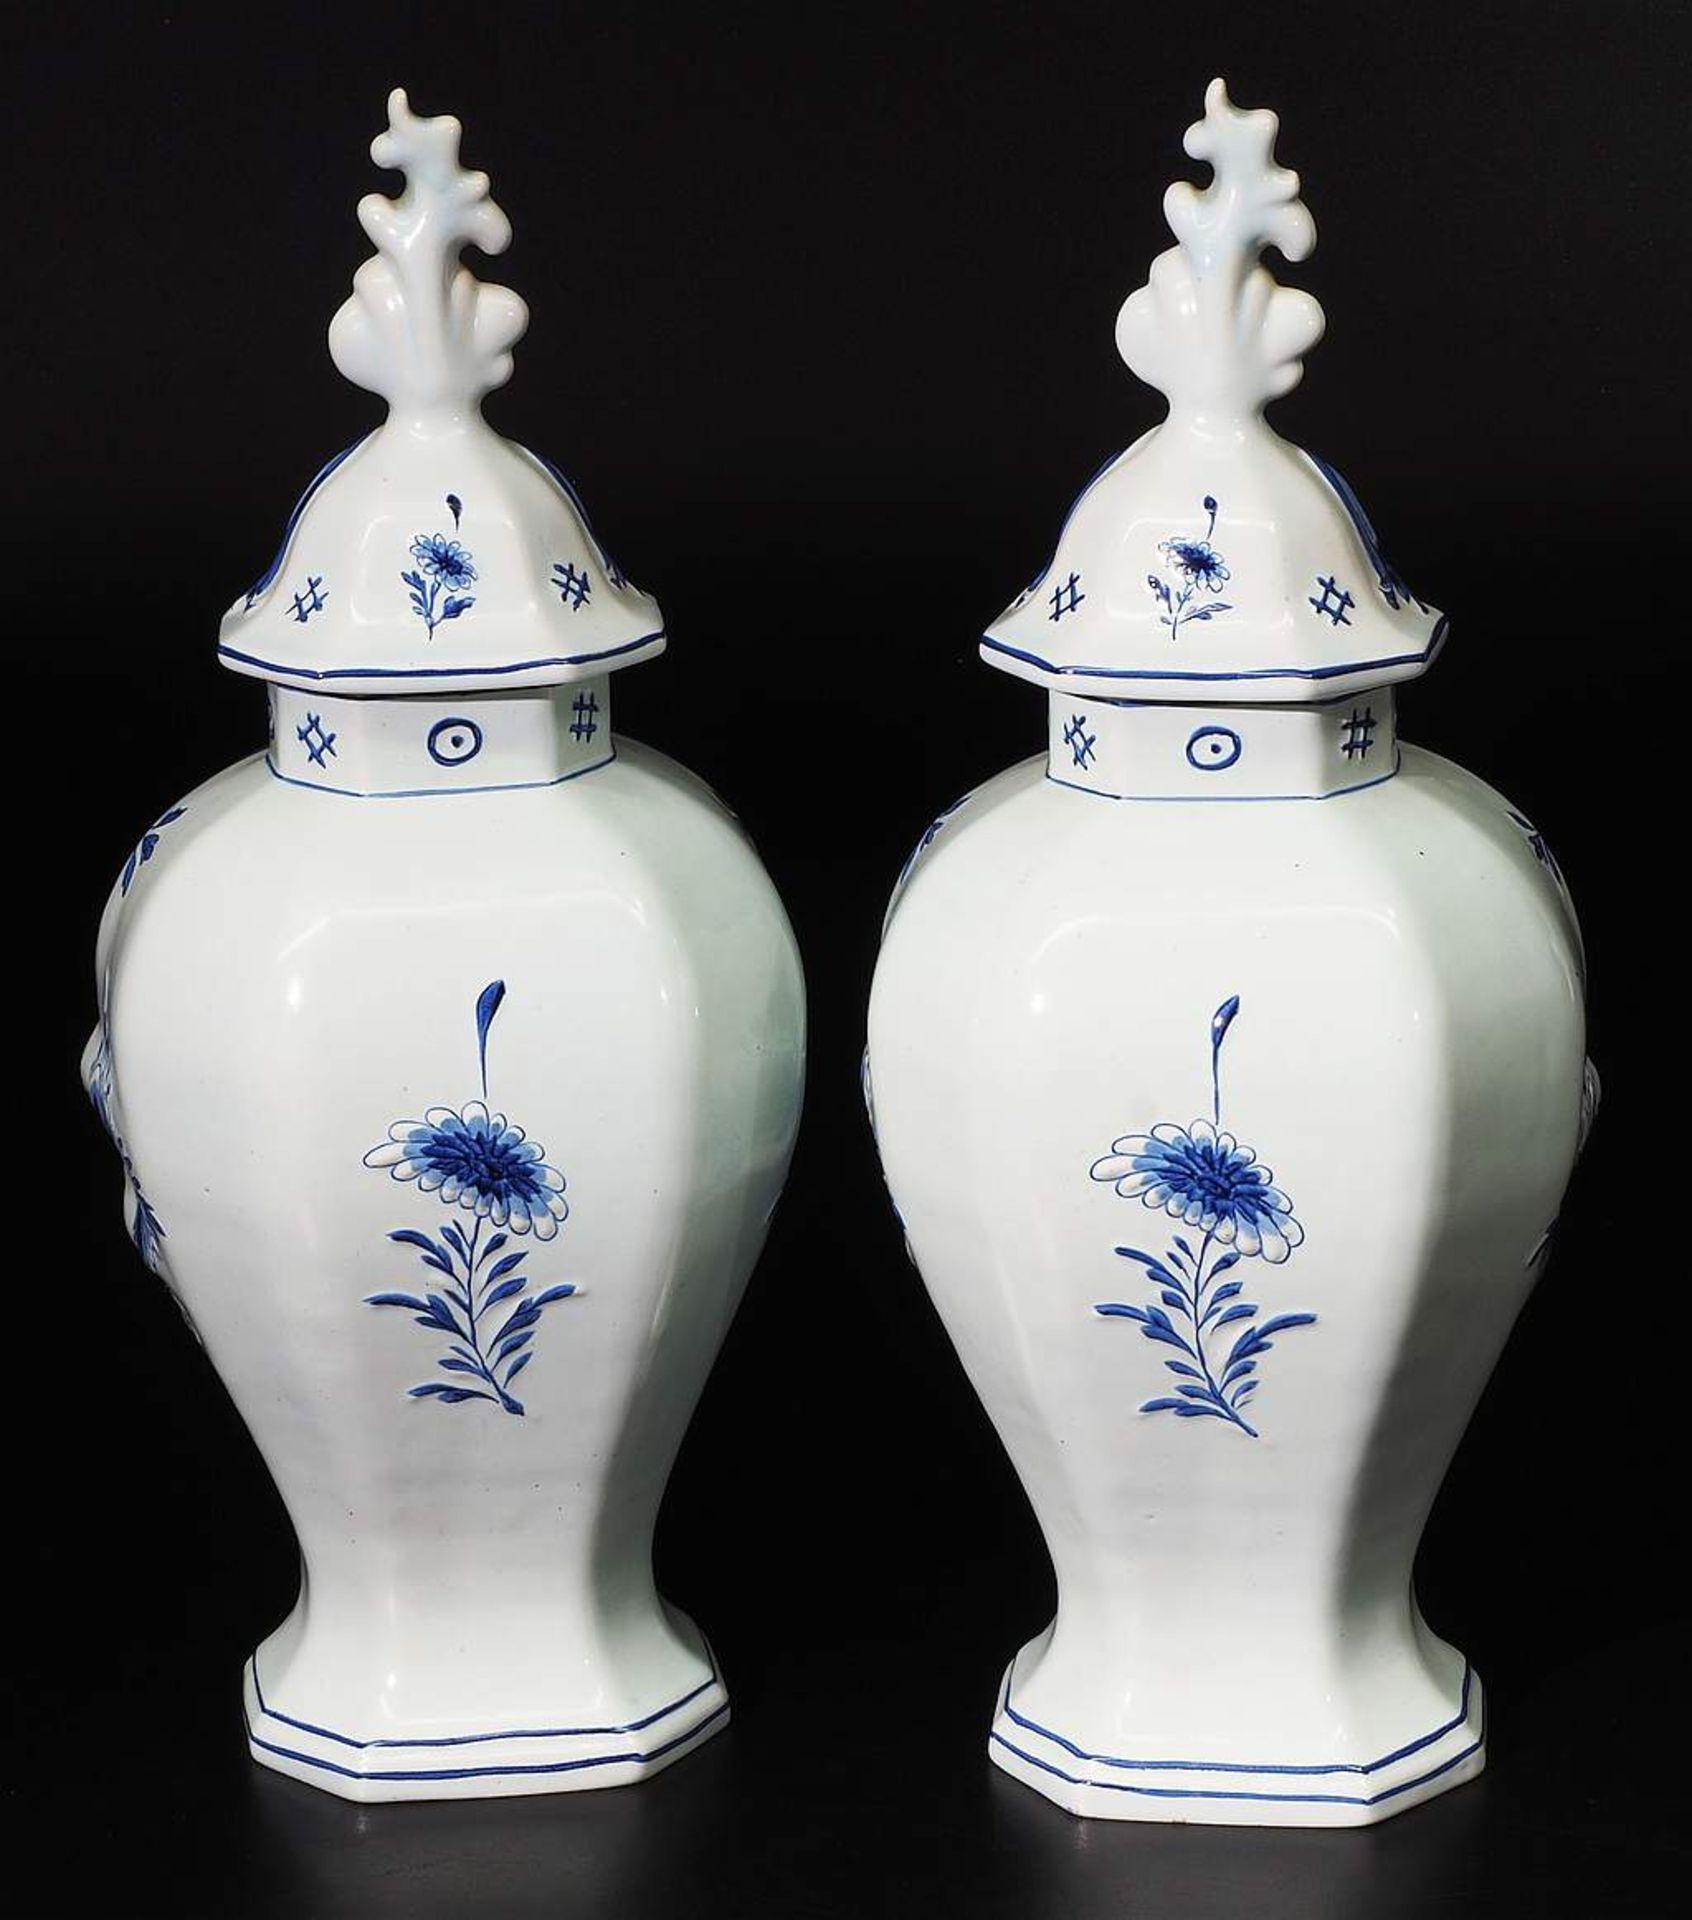 Paar Deckelvasen, Fayence, Blaumalerei. - Image 4 of 7